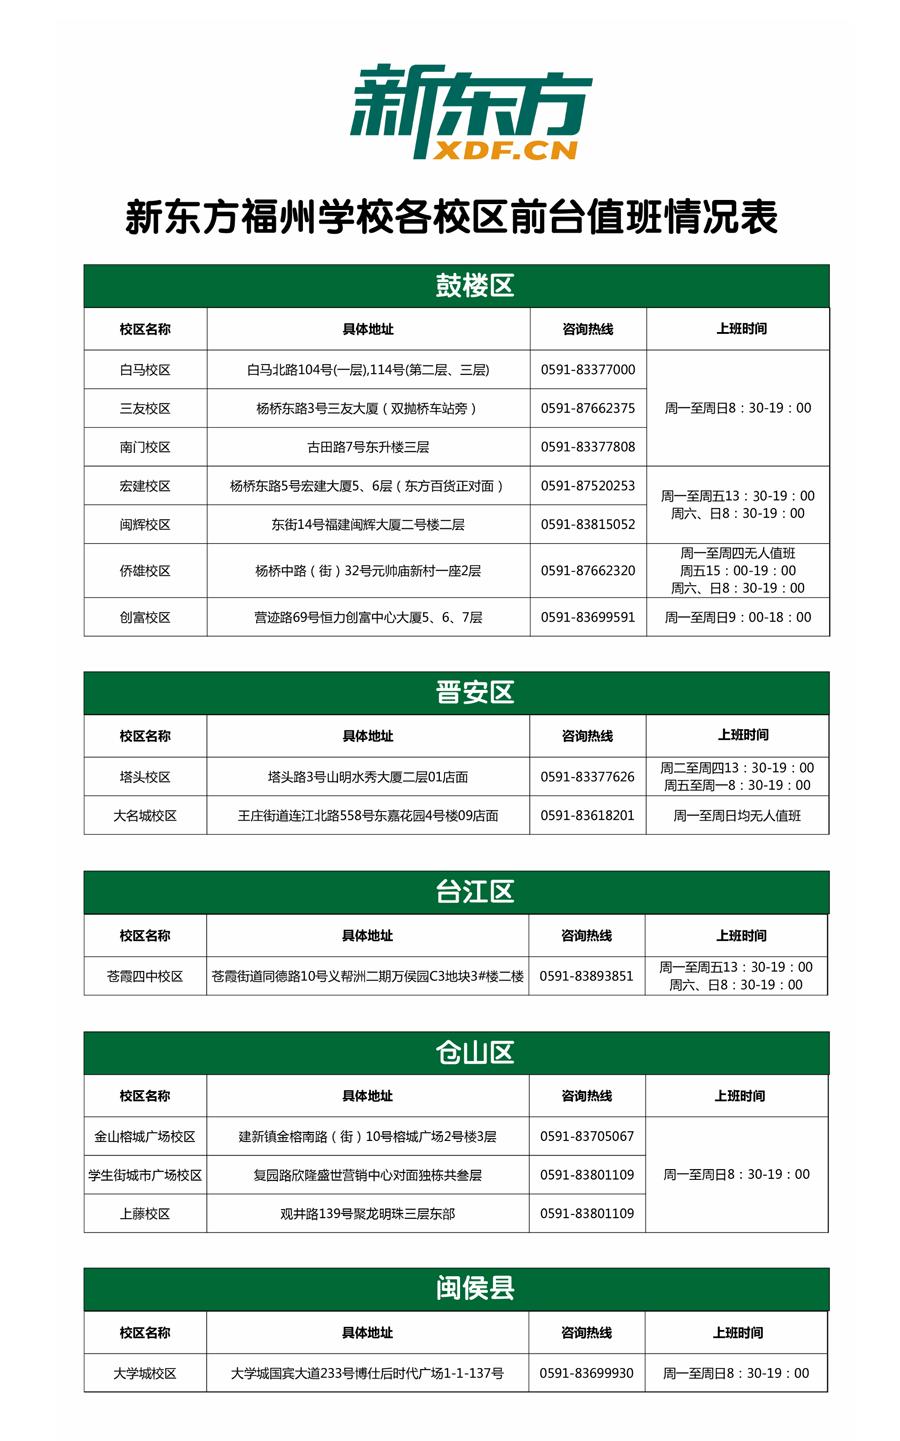 2017年11月校区值班情况表